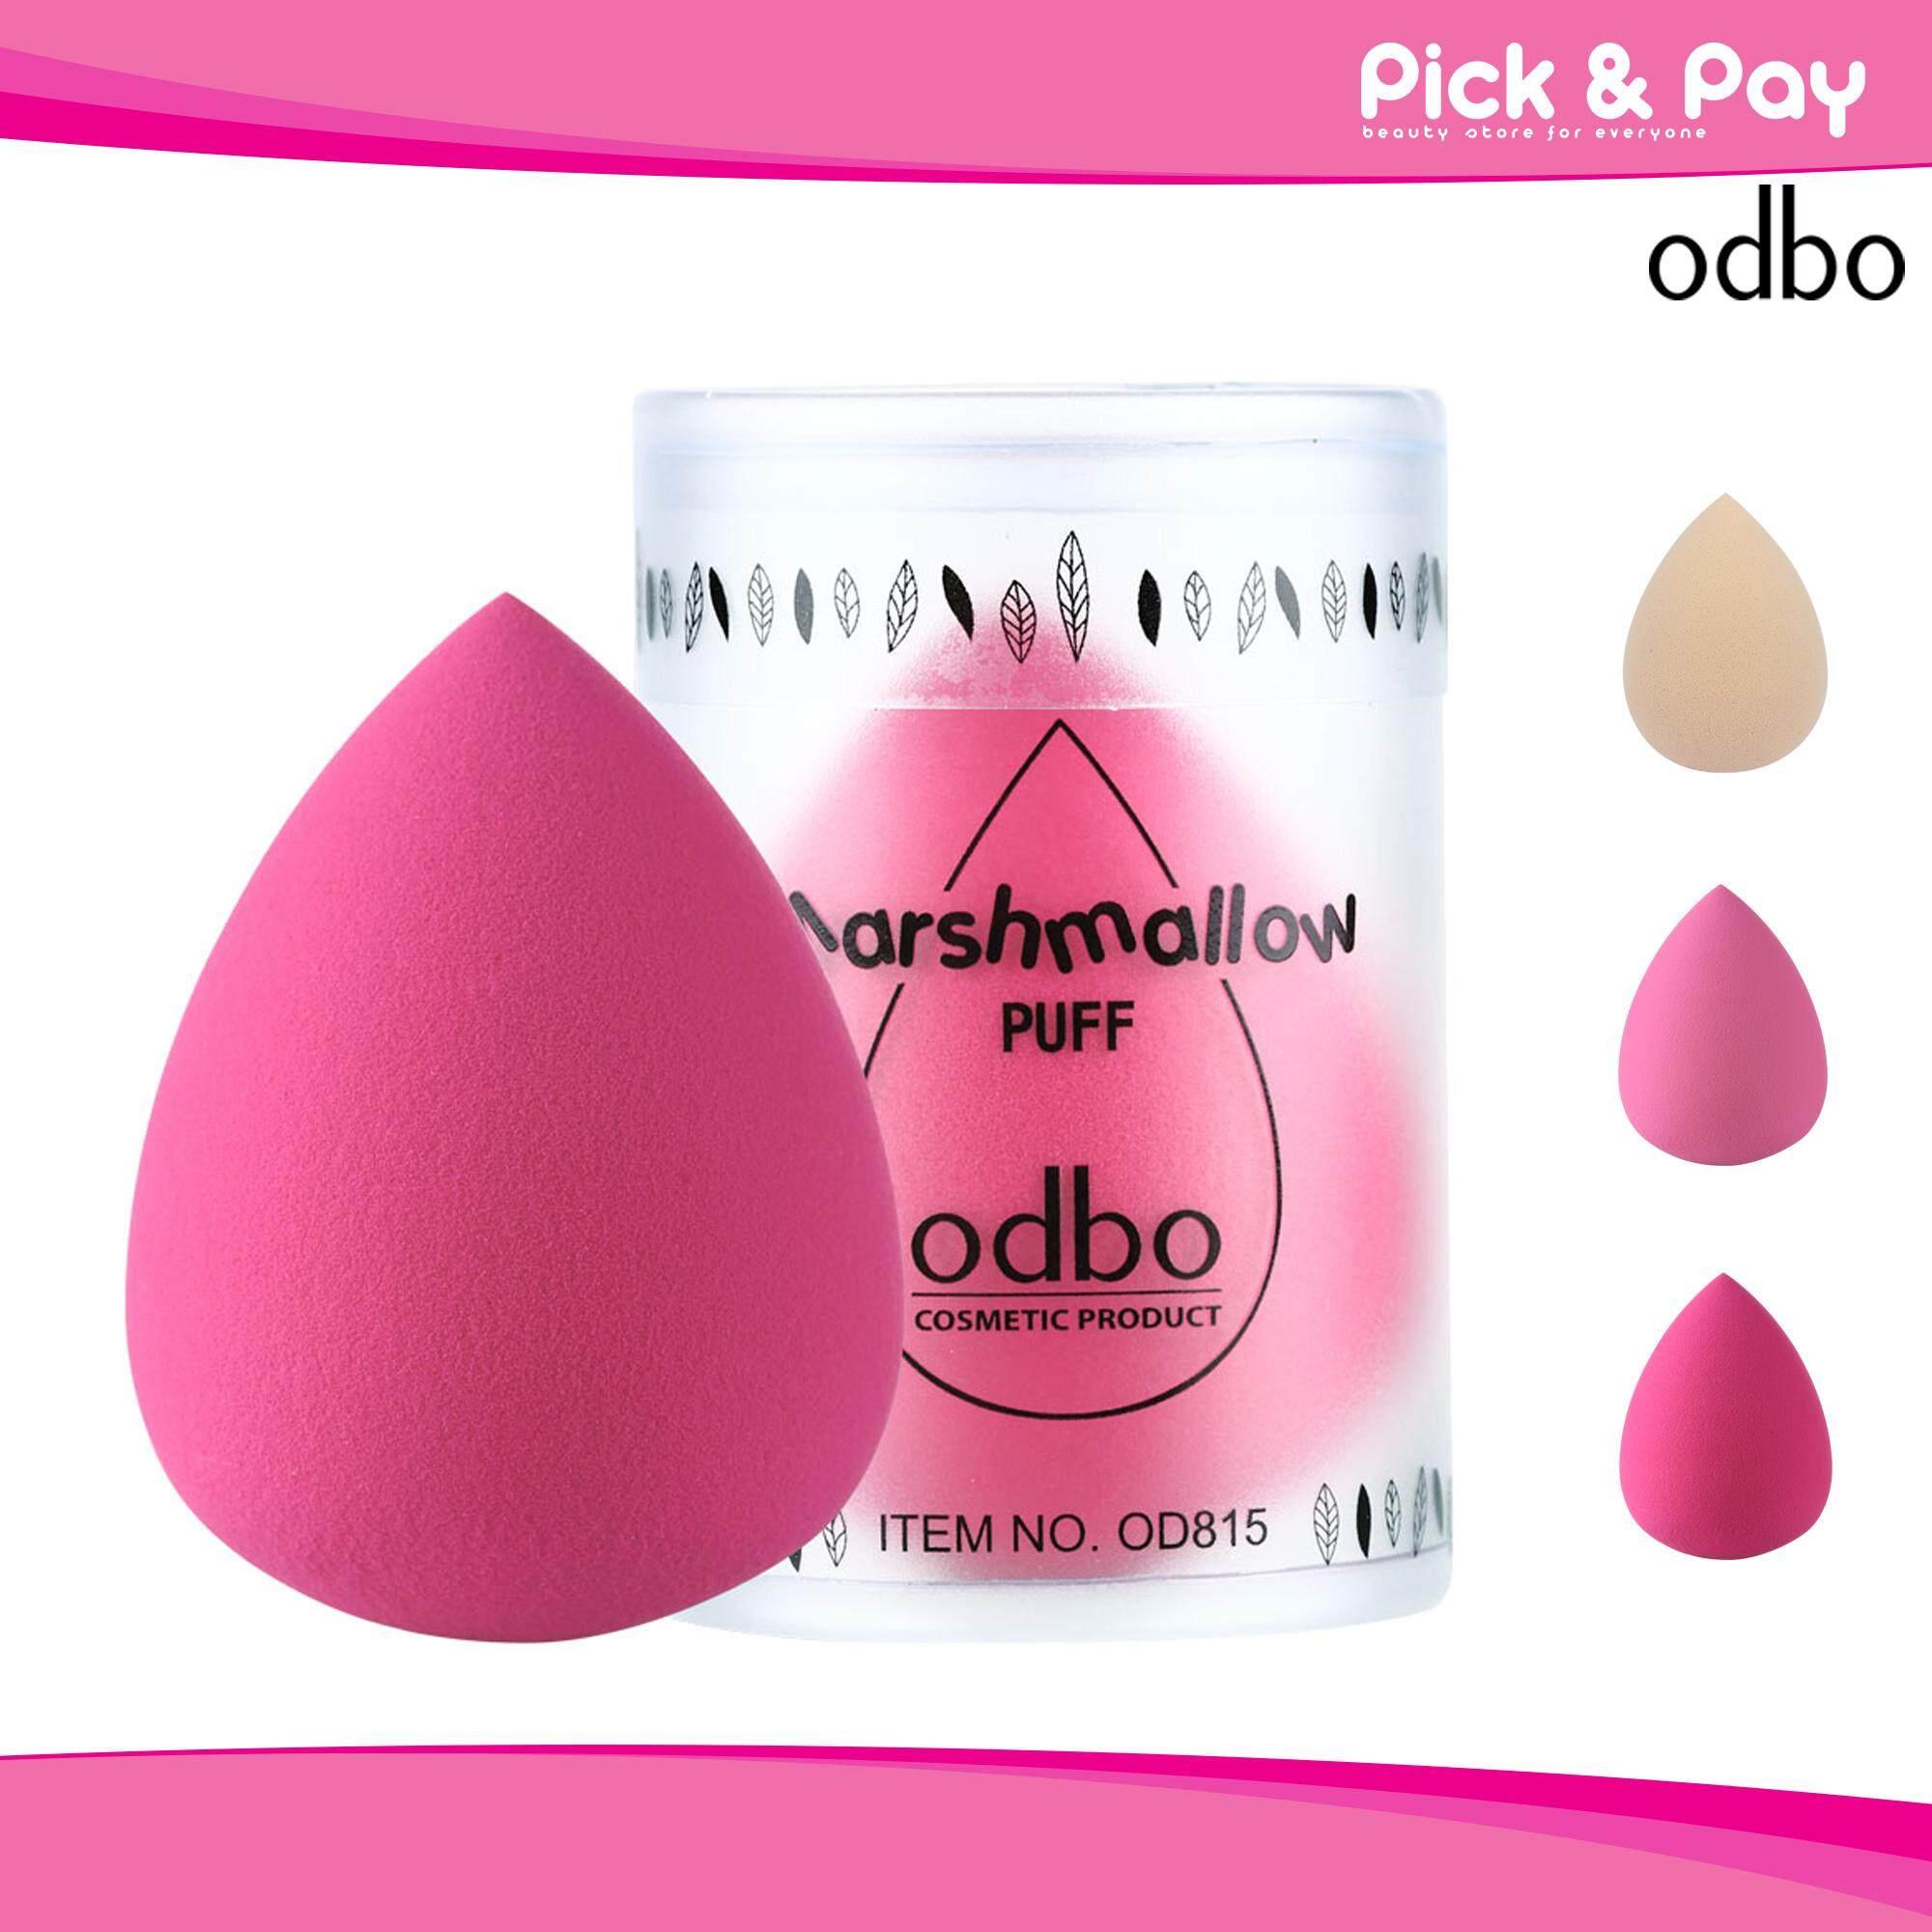 Odbo Marshmallow Puff มาสเมลโลว์ พัฟ ฟองน้ำแต่งหน้ารูปไข่ เกลี่ยรองพื้น Od815.